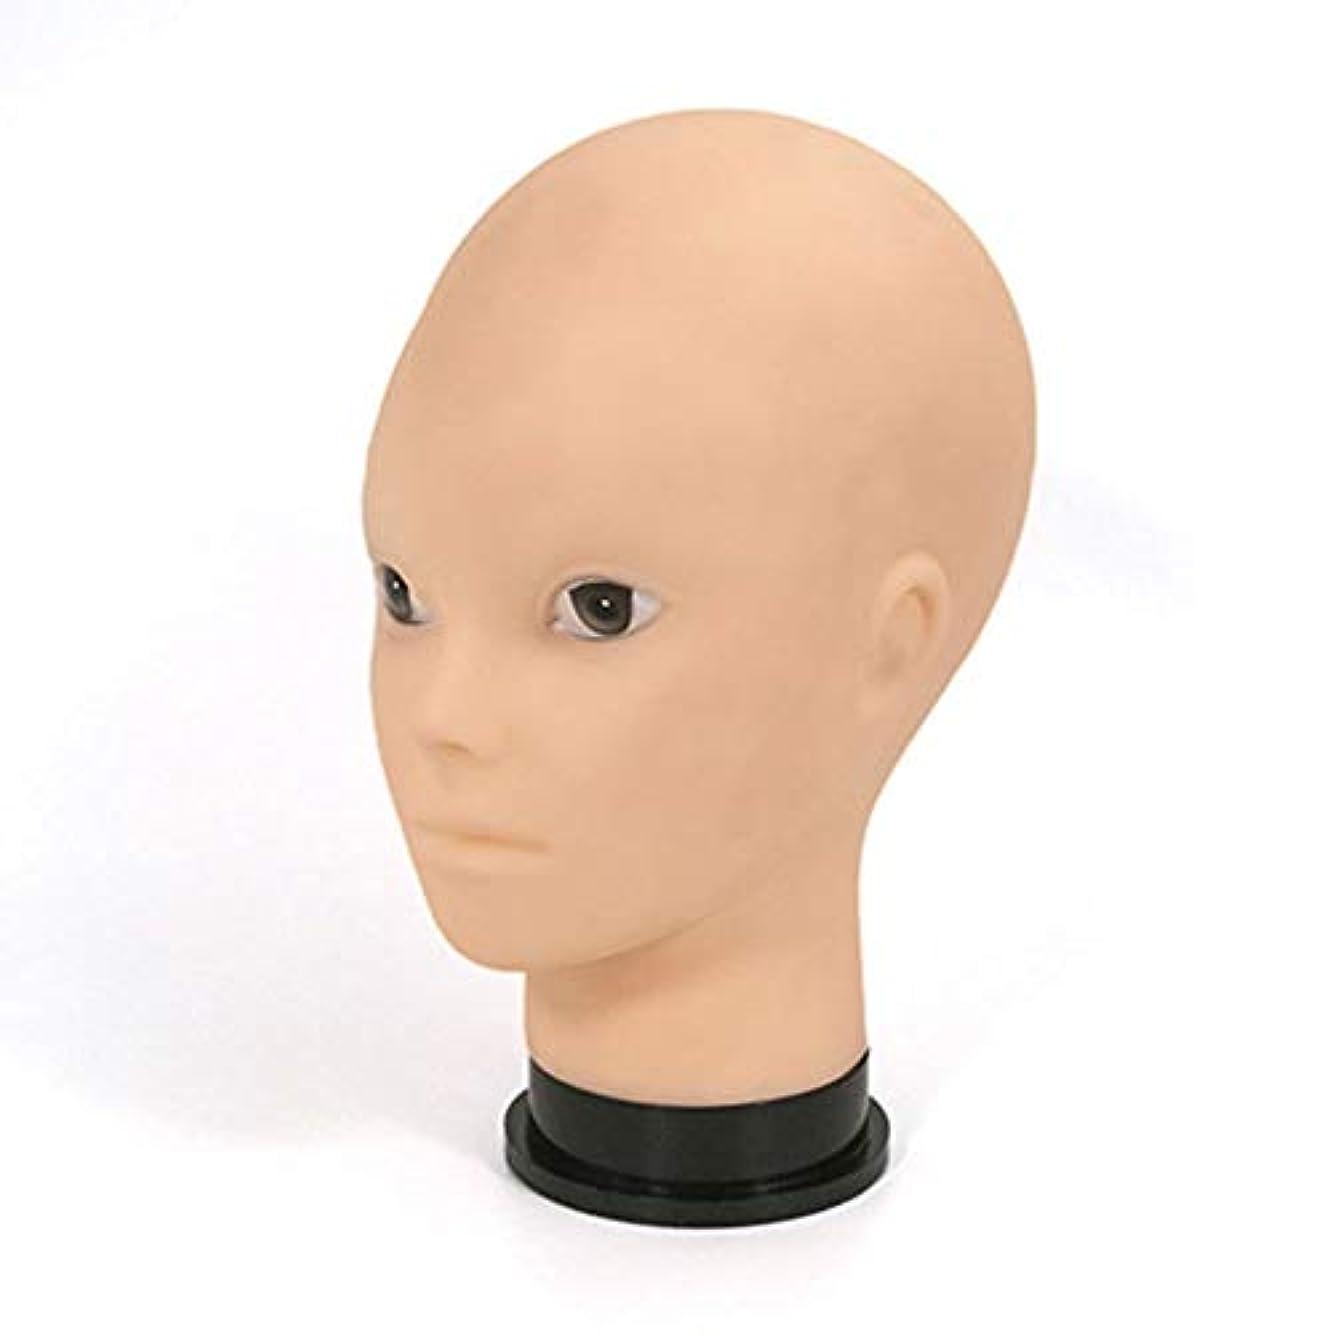 大宇宙ベジタリアン消毒剤モデルヘッドモードdげ頭ダミーモデルヘッドシミュレーションヘッドウィッグハットスカーフディスプレイ小道具